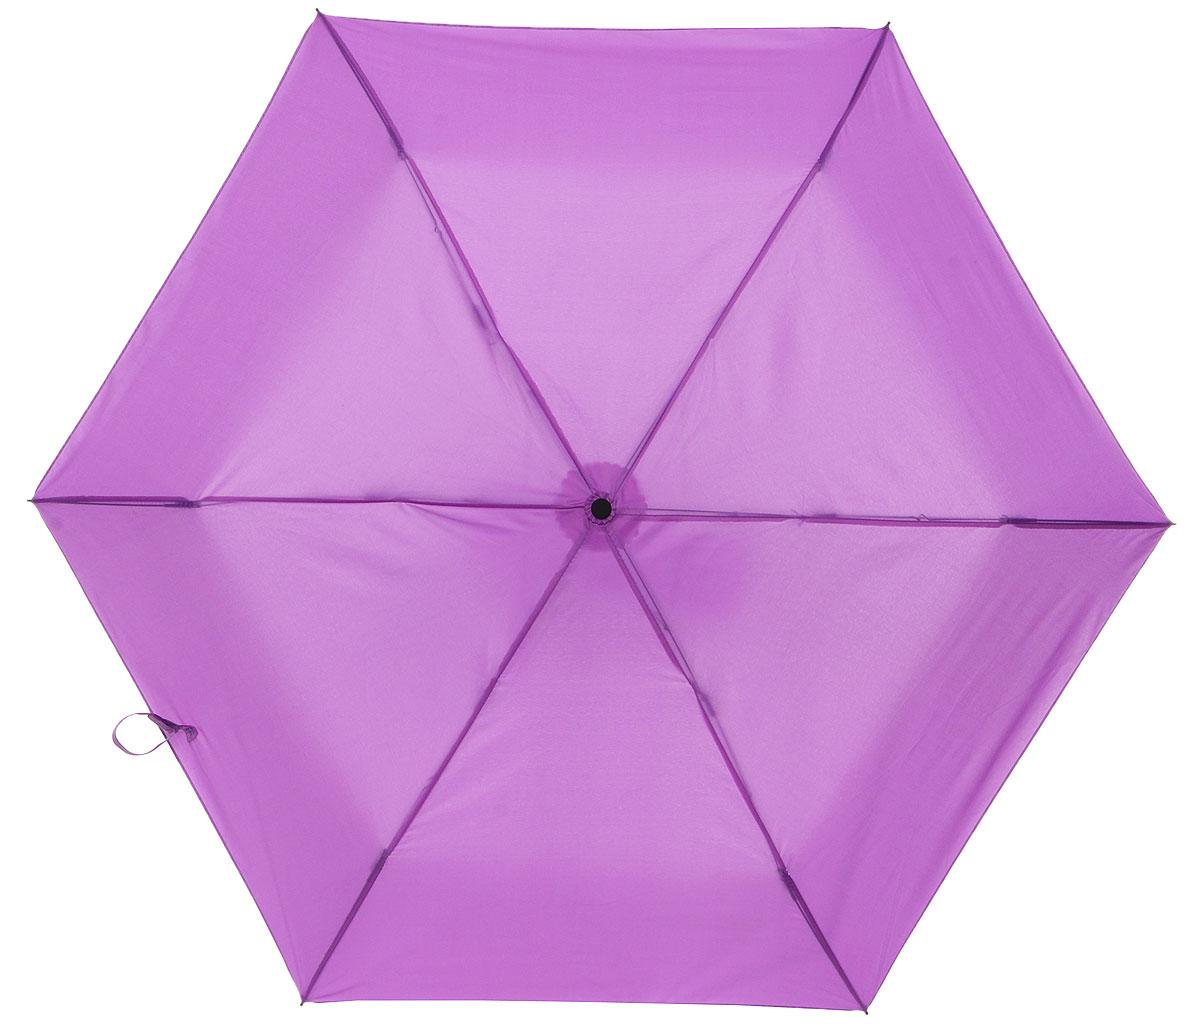 Зонт детский Эврика Баклажан, механика, 2 сложения, цвет: фиолетовый. 96775П300020001-21Оригинальный и яркий детский зонт Эврика станет замечательным подарком для вашего ребенка.Изделие имеет механический способ сложения: и купол, и стержень открываются вручную до характерного щелчка. Зонт состоит из шести спиц и стержня, изготовленных из металла. Яркий купол выполнен из качественного нейлона, который не пропускает воду. Зонт дополнен чехлом из пластика, имитирующим баклажан. Ручка выполнена в виде черенка баклажана и дополнена петлей, благодаря которой зонт можно носить на запястье.Компактный пластиковый чехол предохраняет зонт от повреждений.Оригинальный дизайн зонта поднимет настроение не только вам, но и окружающим.